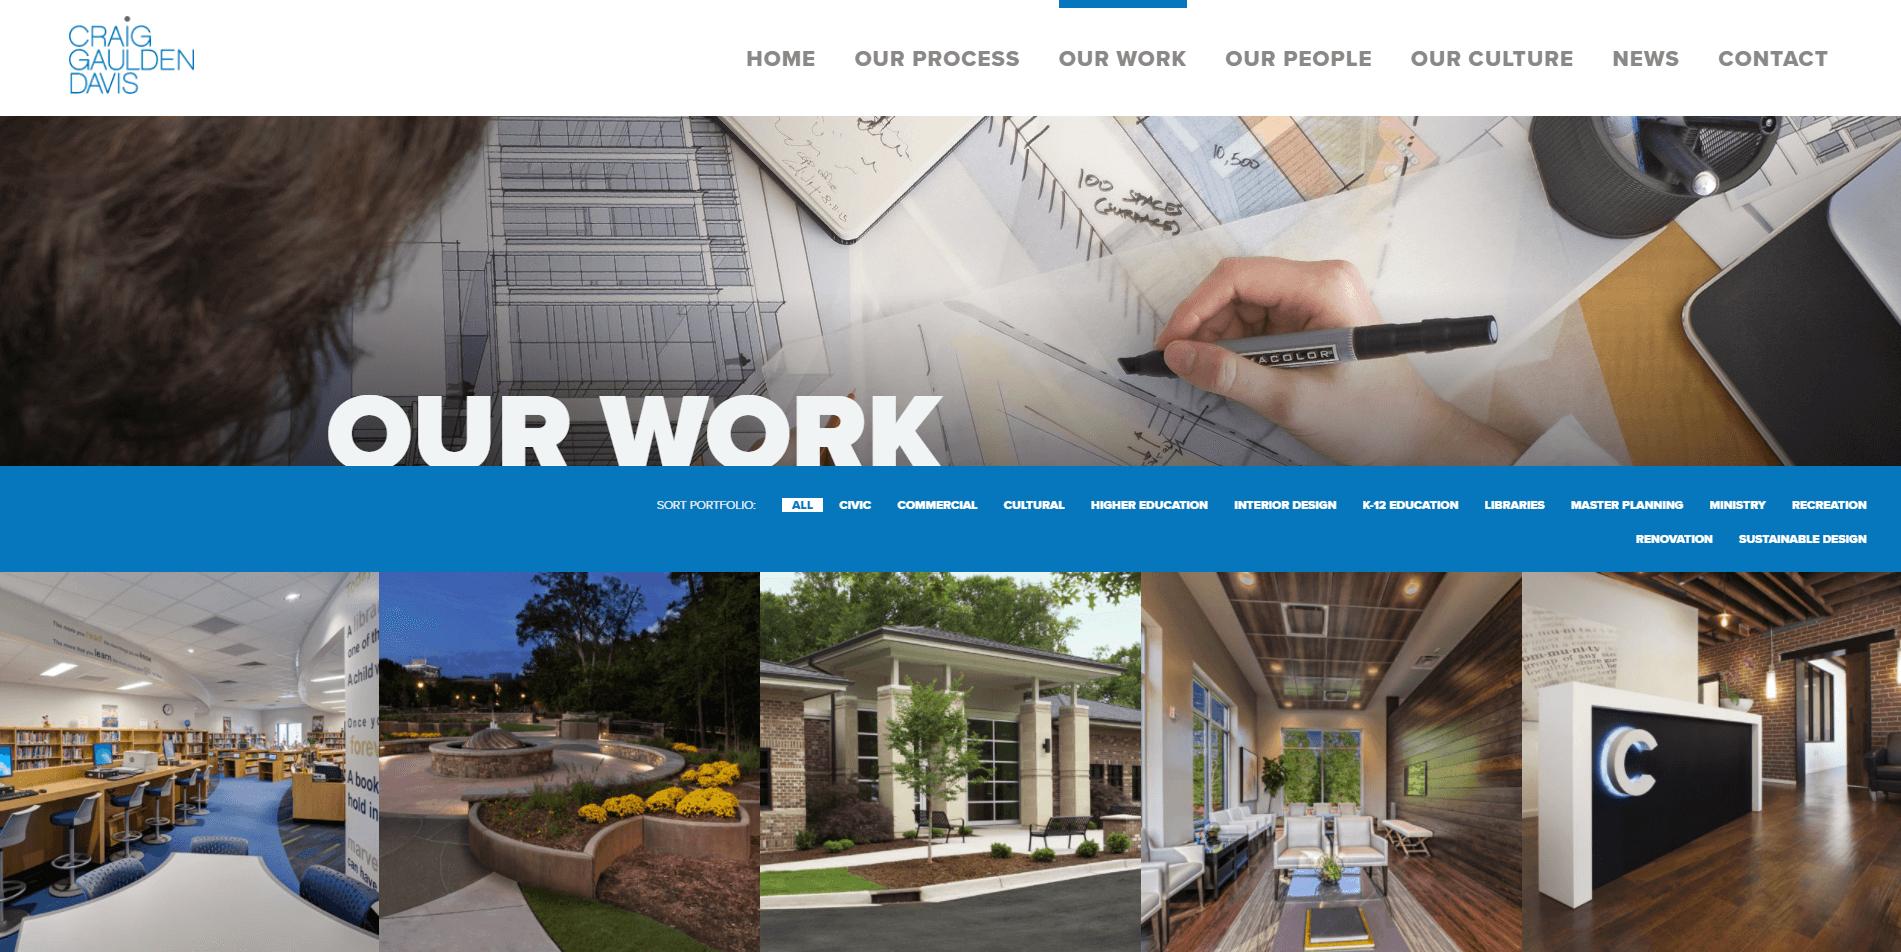 The portfolio web page from the Craig Gaulden Davis website